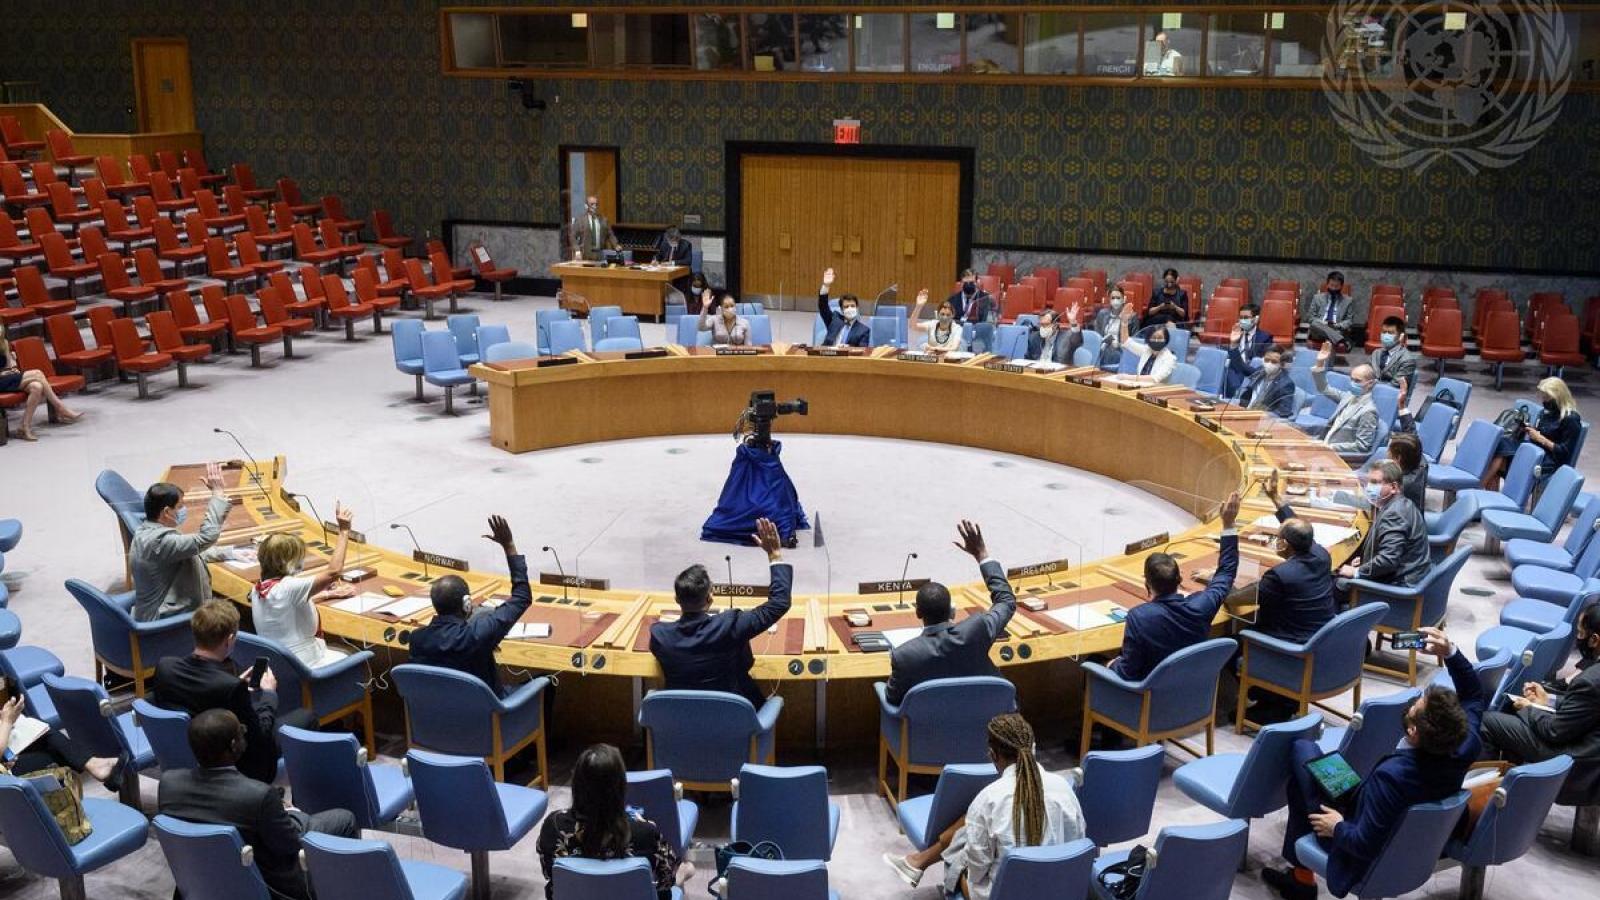 HĐBA thông qua nghị quyết gia hạn nhiệm vụ Phái bộ Gìn giữ Hoà bình tại CH Síp